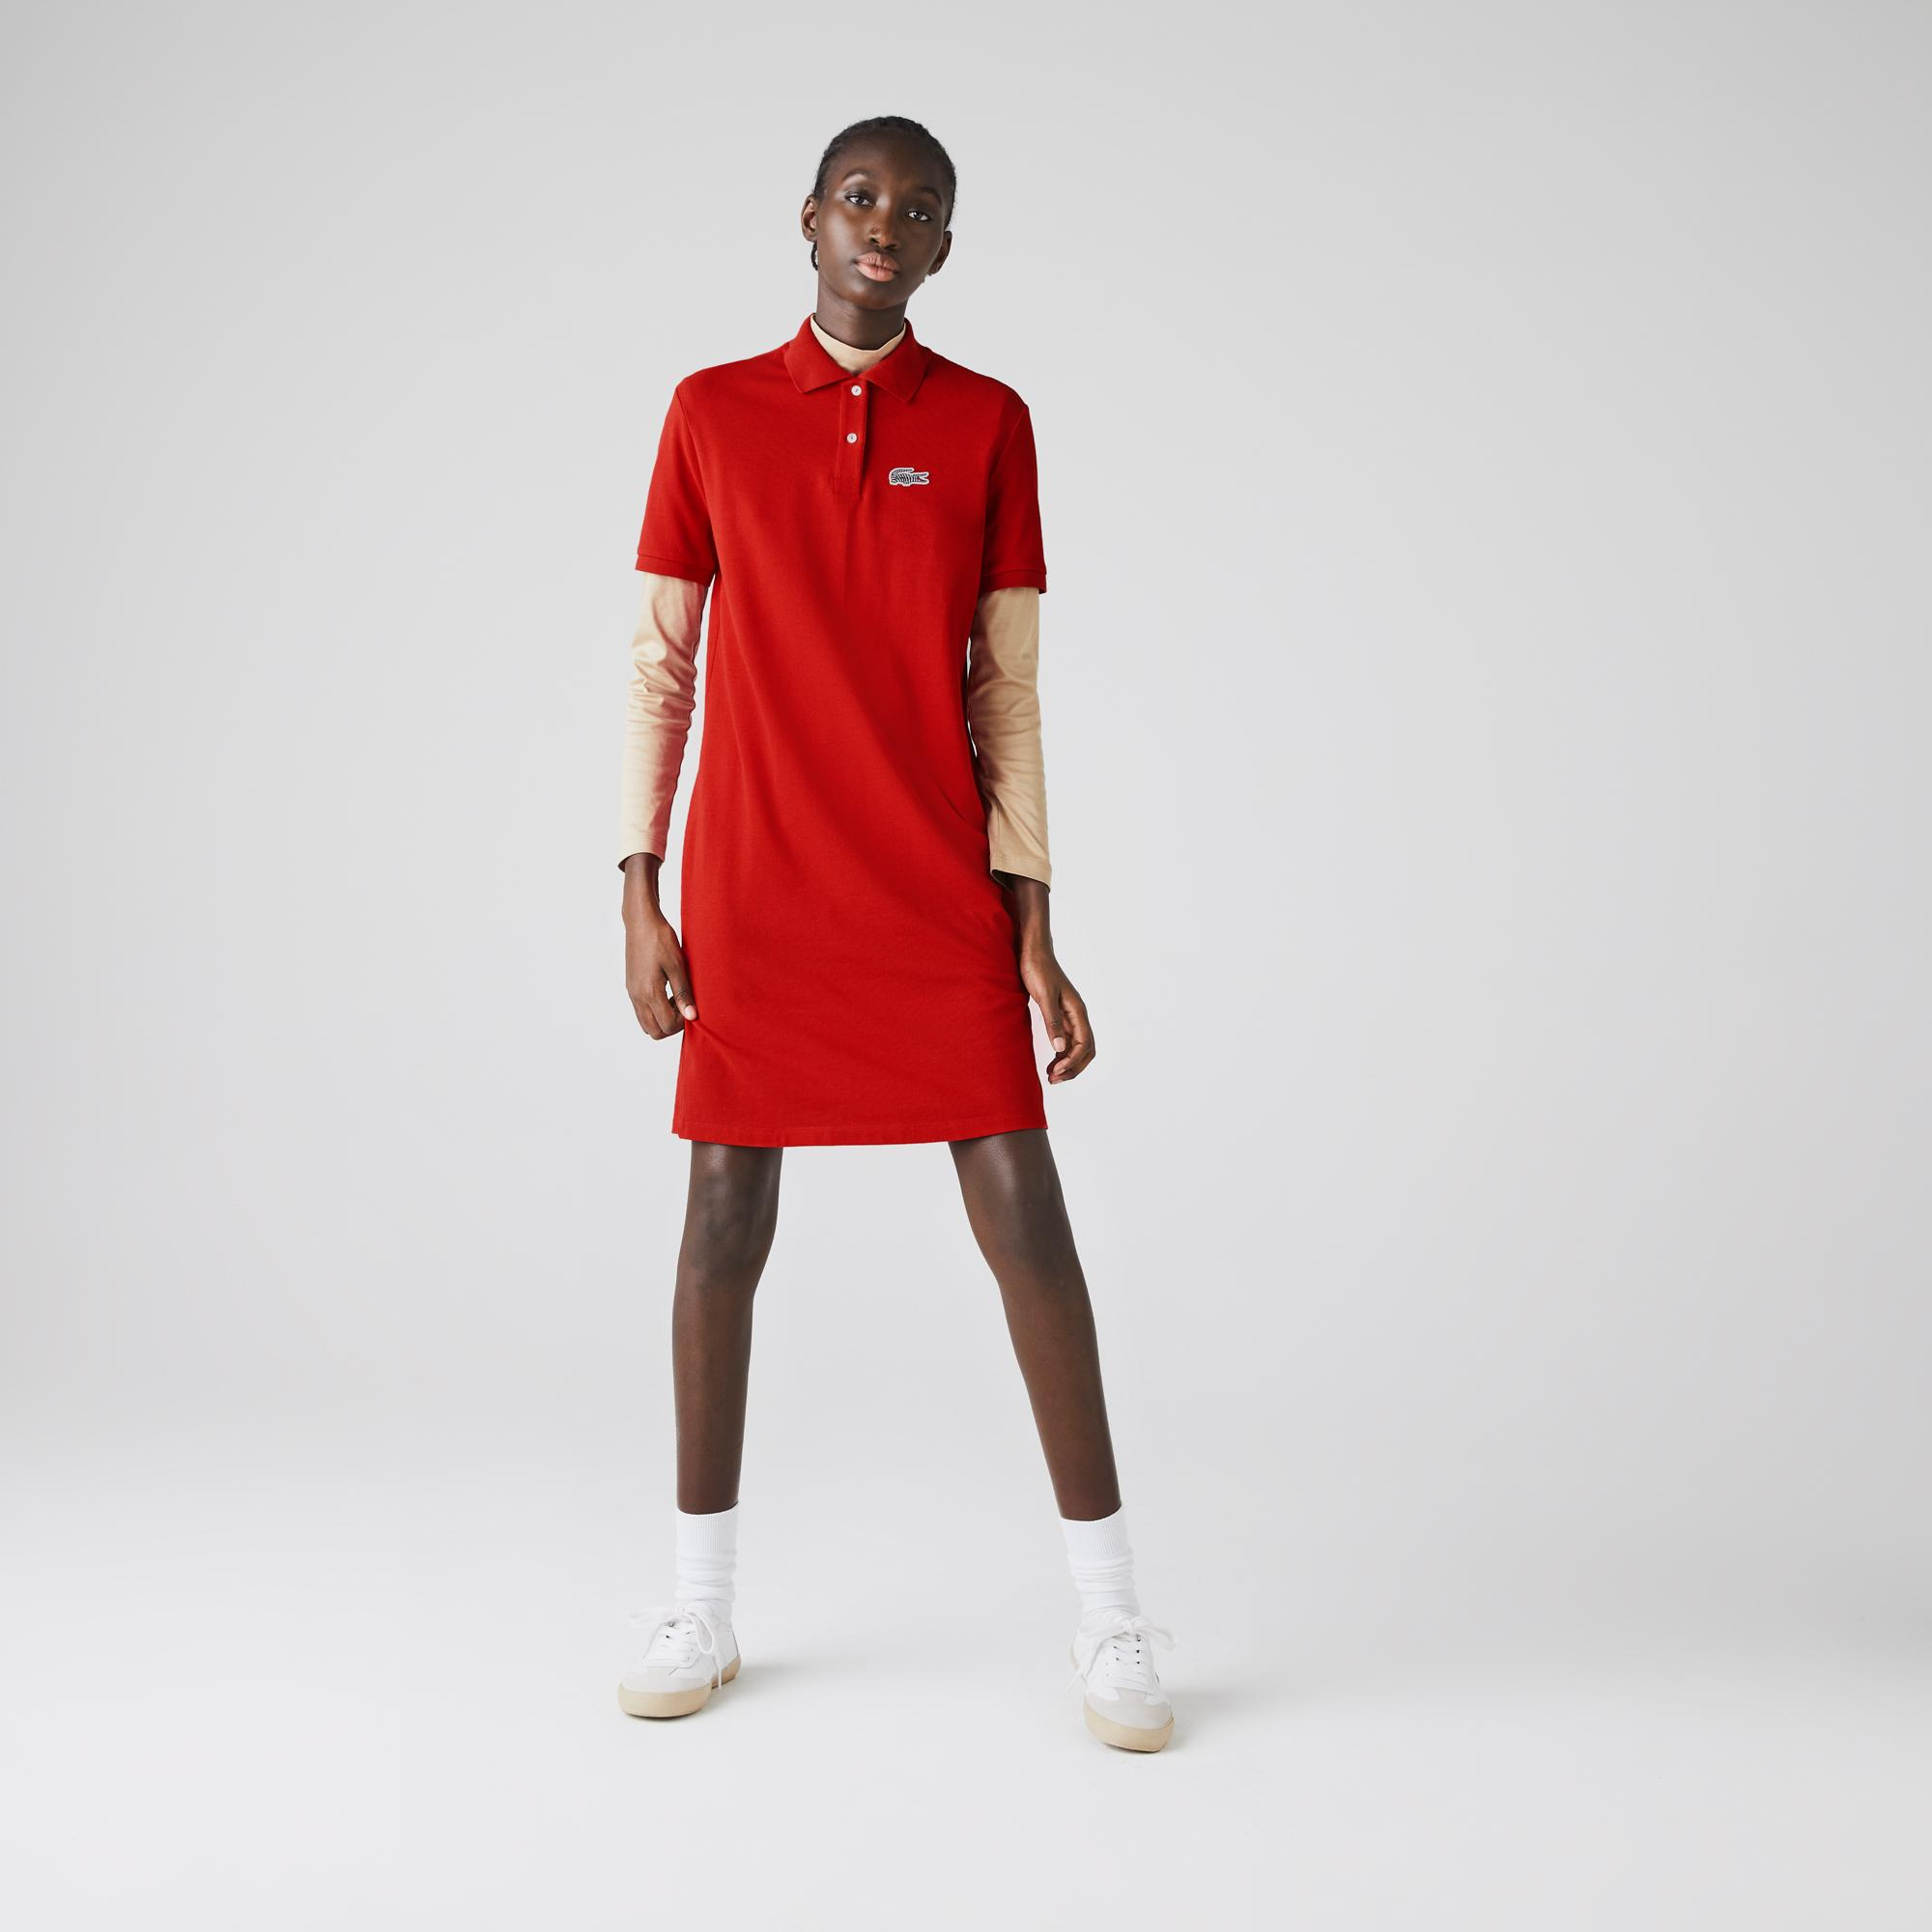 Lacoste x National Geographic Kadın Polo Yaka Kısa Kollu Kırmızı Elbise